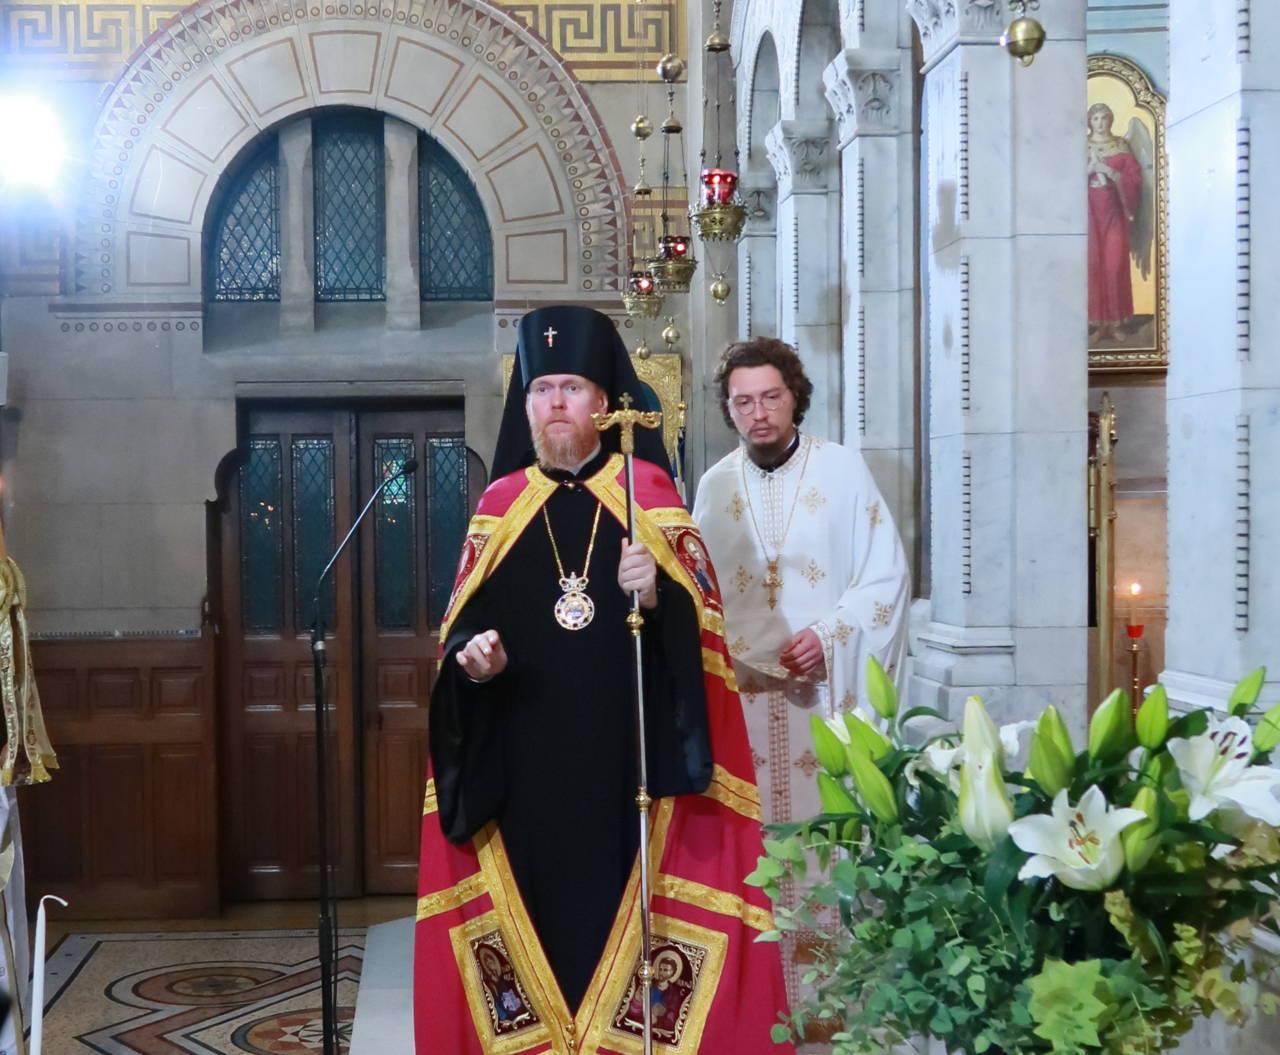 IMG 3295 - Ο Αρχιεπίσκοπος Τσερνιχίβ κ. Ευστράτιος στο Παρίσι